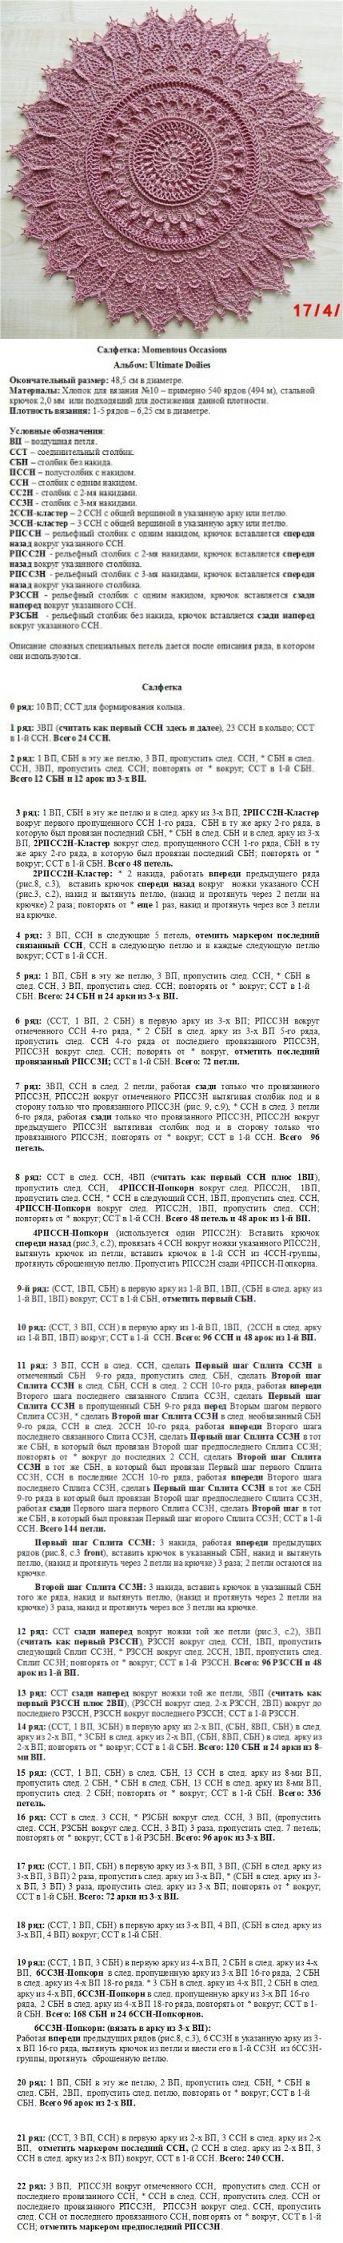 Одноклассники-салфетки Патриции Кристоферсон